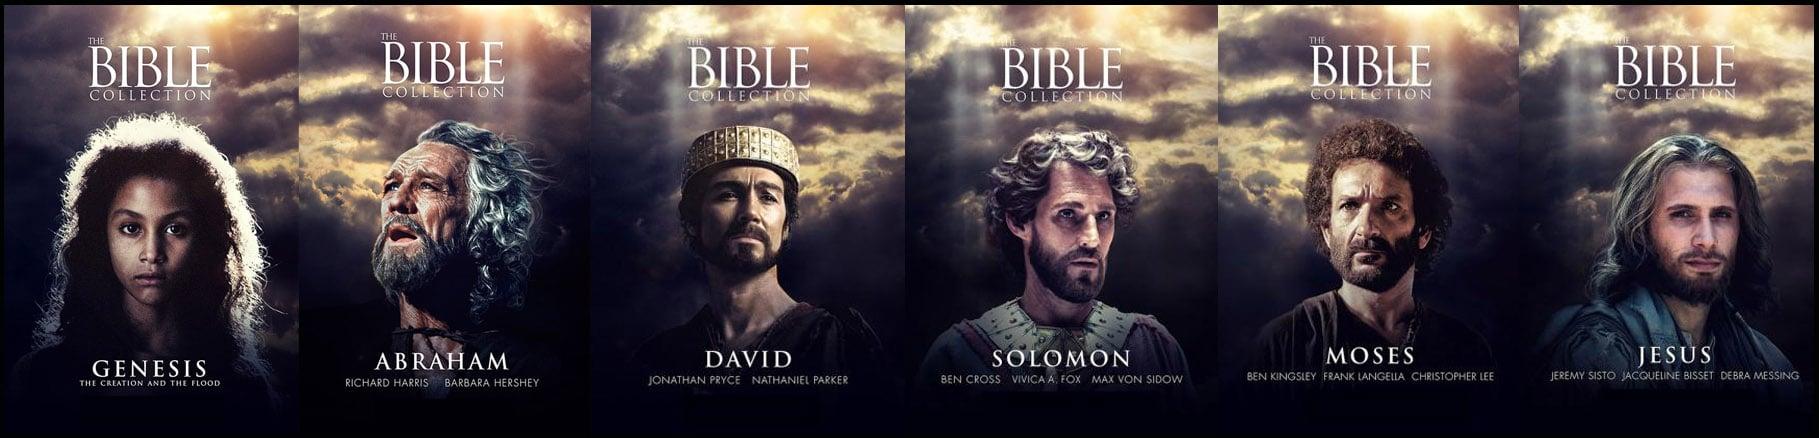 Bibelfilm Leo Kirch